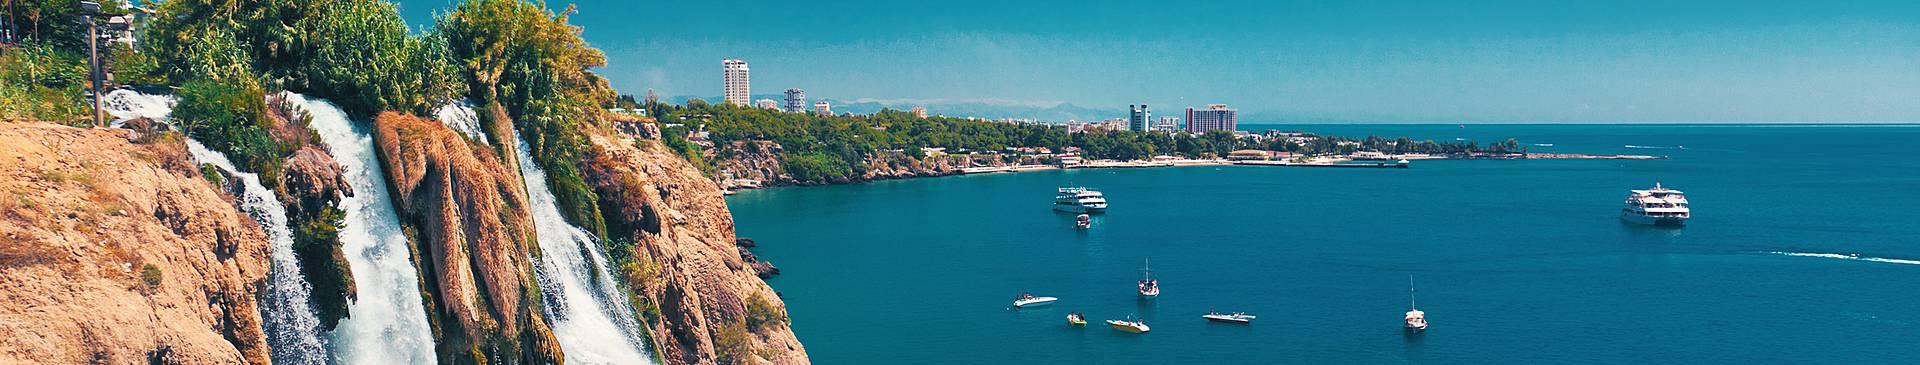 Viajes a Turquía en verano